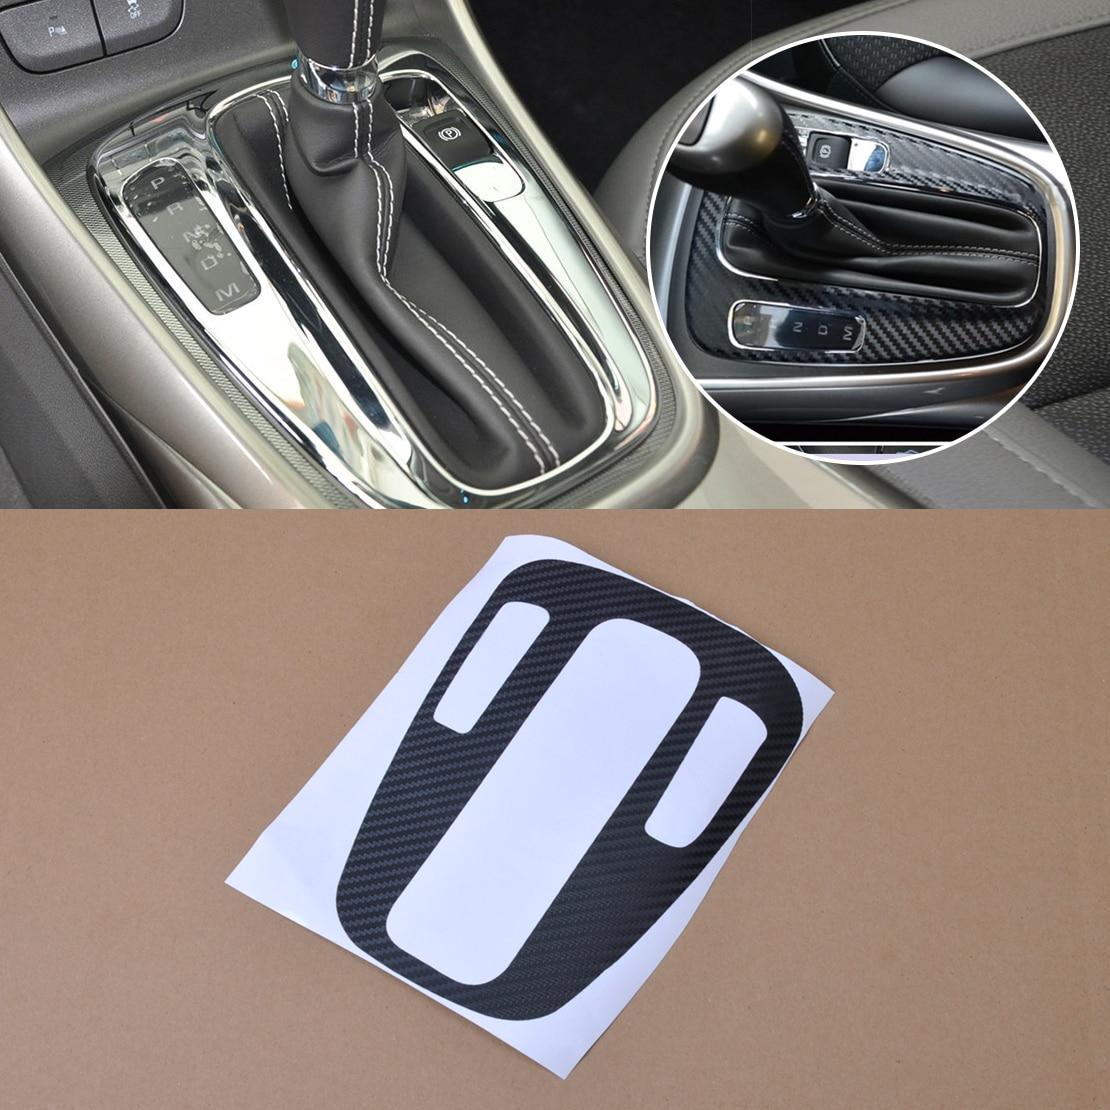 Beler, nuevo, 1 pieza, diseño de coche, Panel de fibra de carbono, cambio de marchas, cubierta protectora, pegatina para Chevrolet Holden Malibu 2012 2013 2014 +